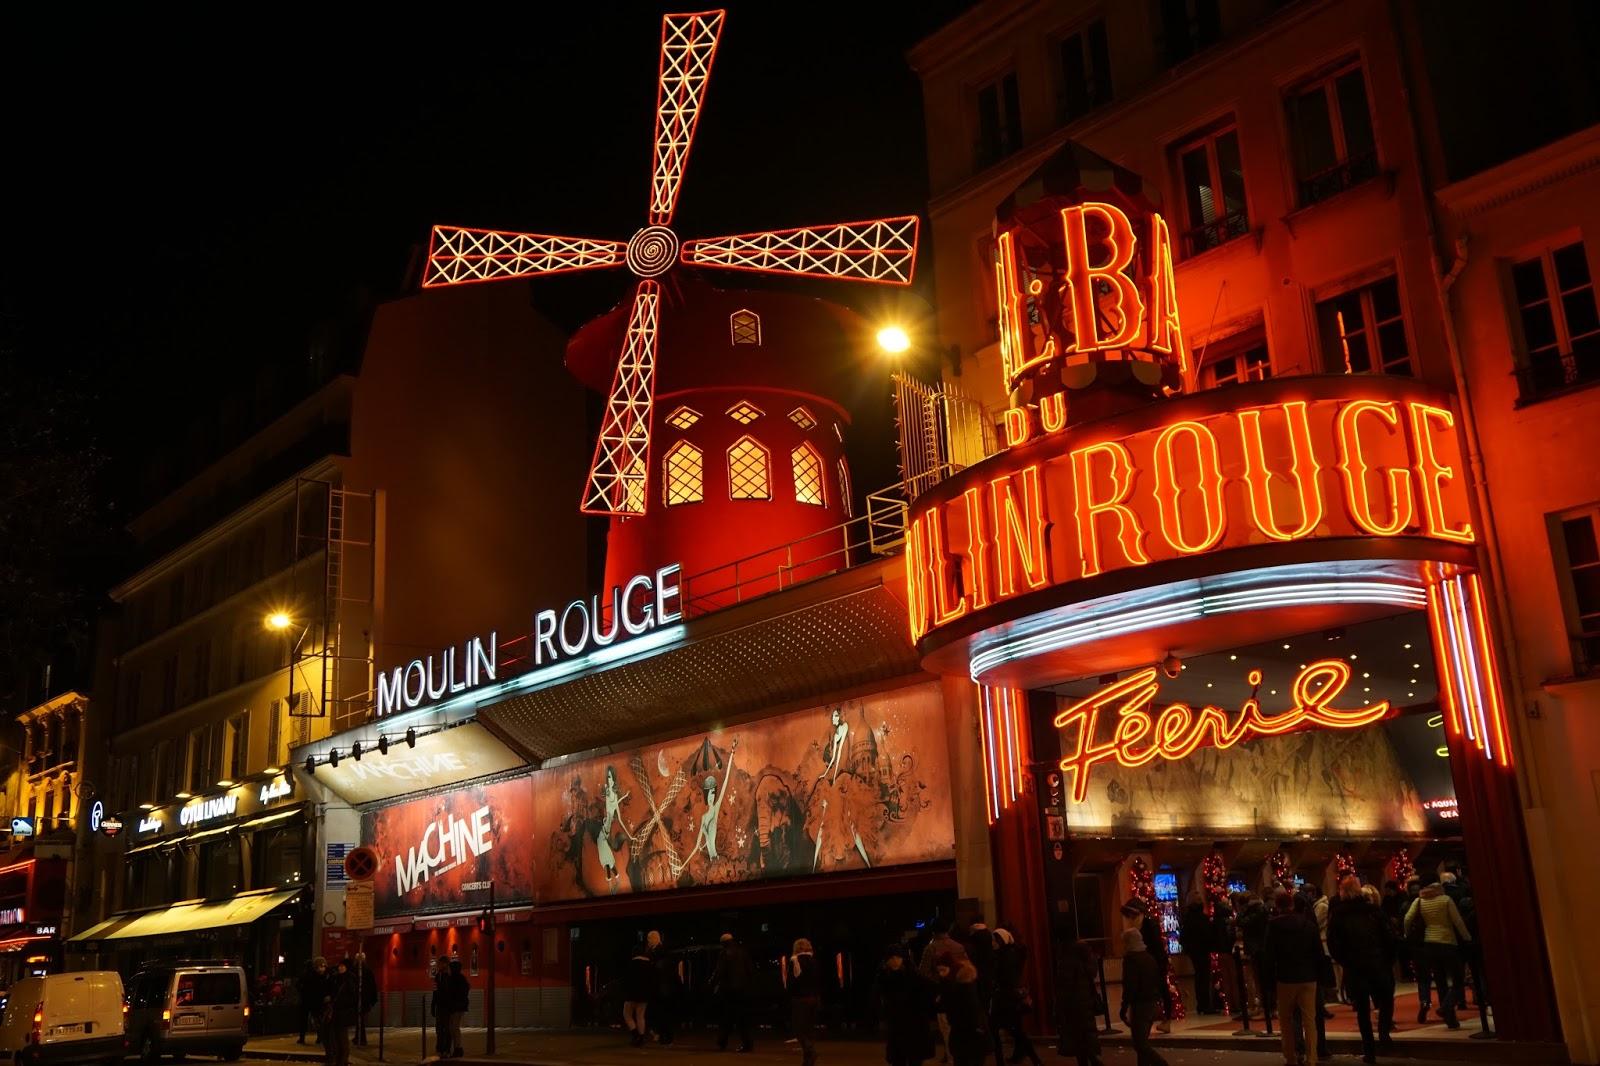 ムーラン・ルージュ(Moulin Rouge)